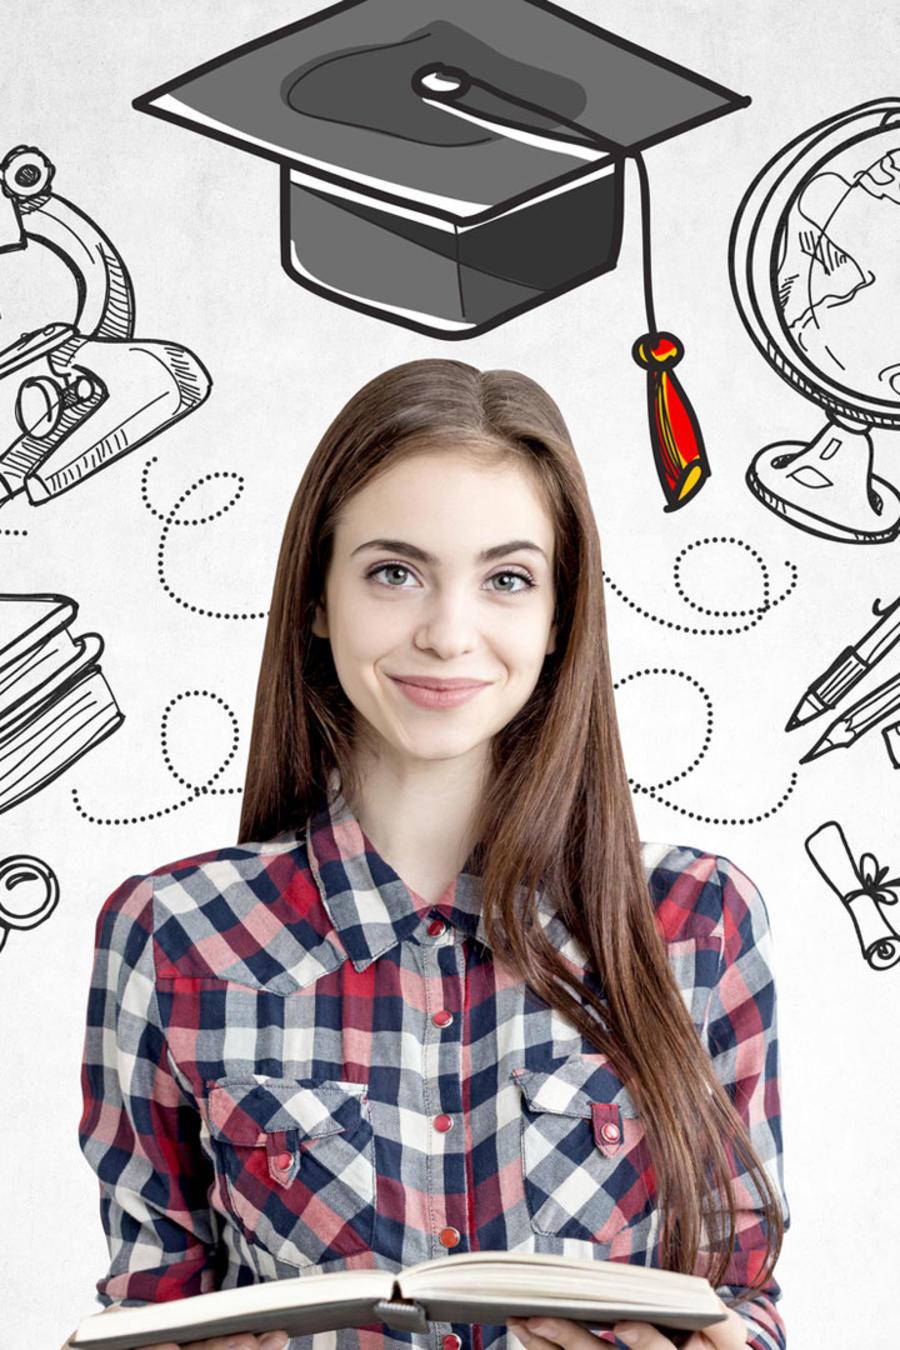 Joven estudiante